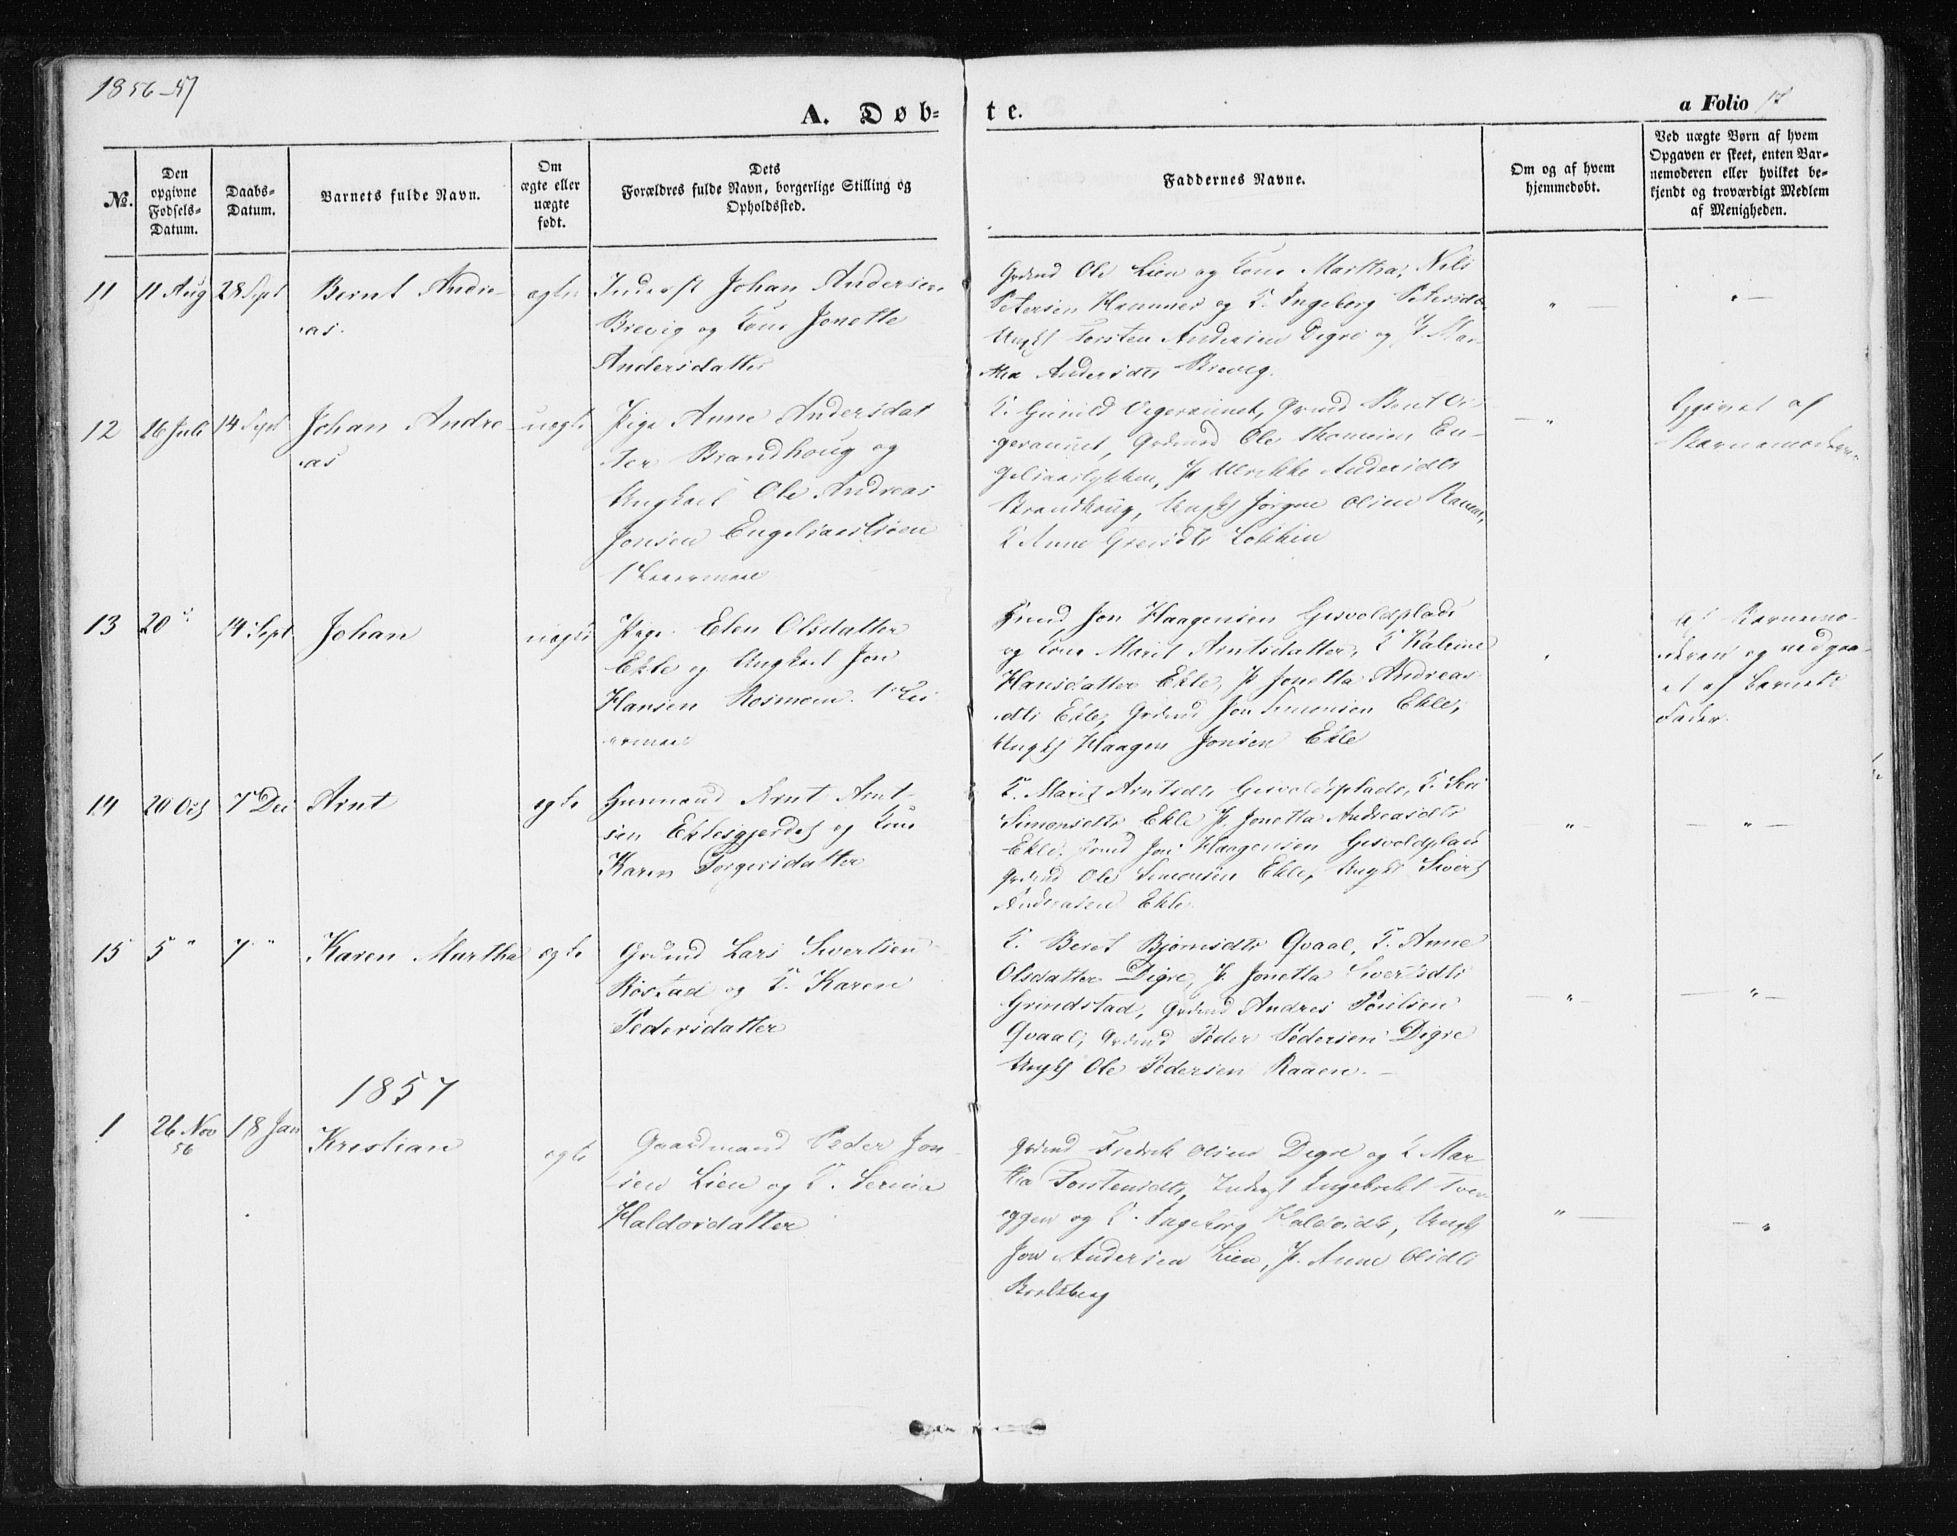 SAT, Ministerialprotokoller, klokkerbøker og fødselsregistre - Sør-Trøndelag, 608/L0332: Ministerialbok nr. 608A01, 1848-1861, s. 17